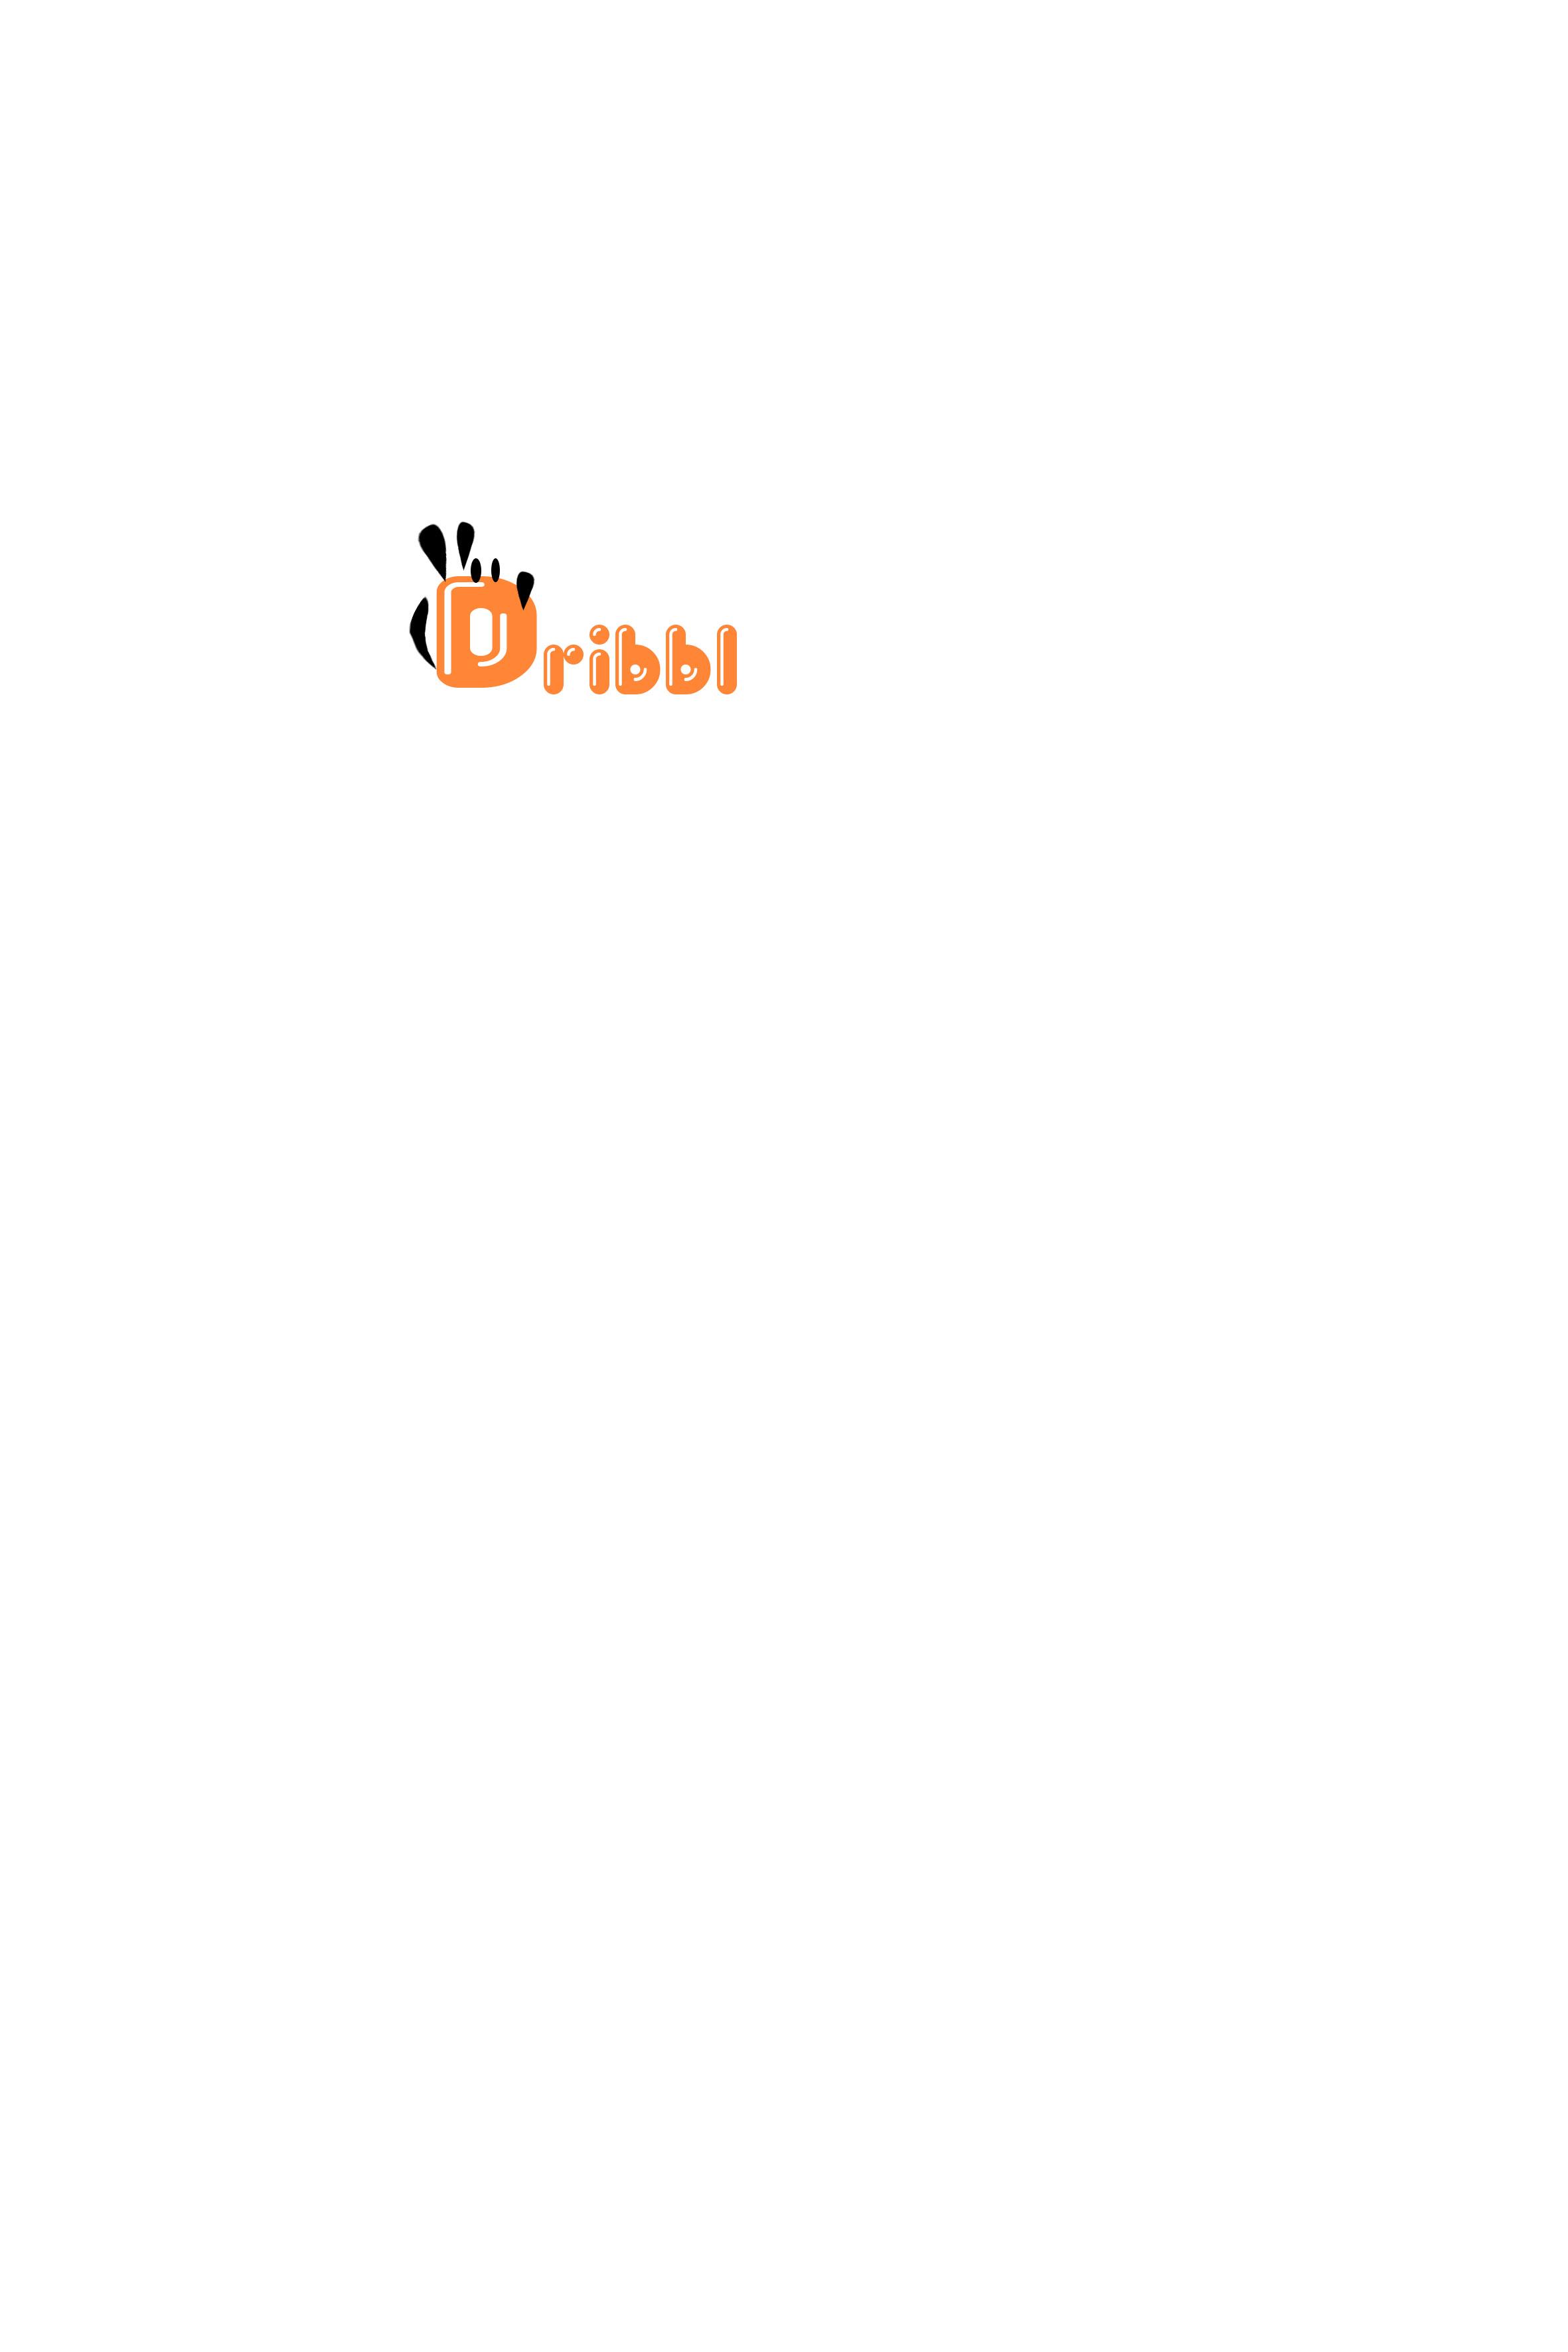 Разработка логотипа для сайта Dribbl.ru фото f_5195a9c2a005c4e4.jpg